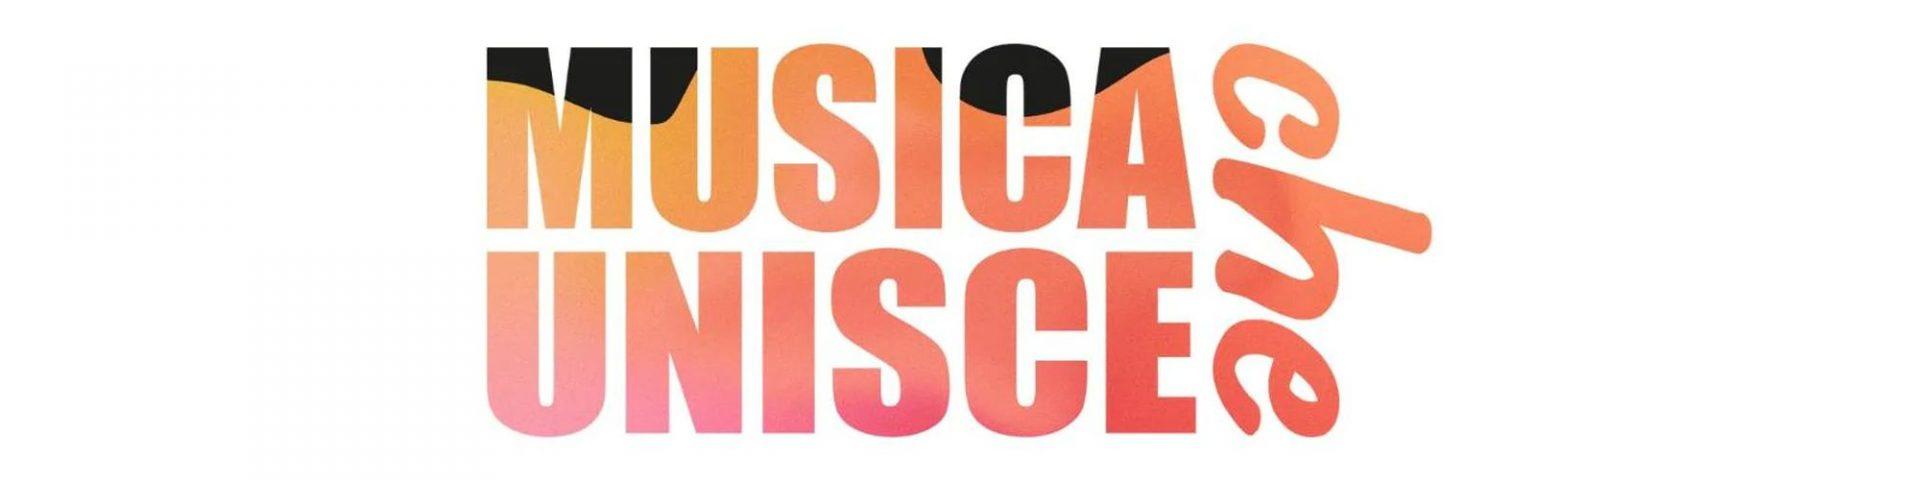 La Musica che unisce: scaletta e streaming dell'evento